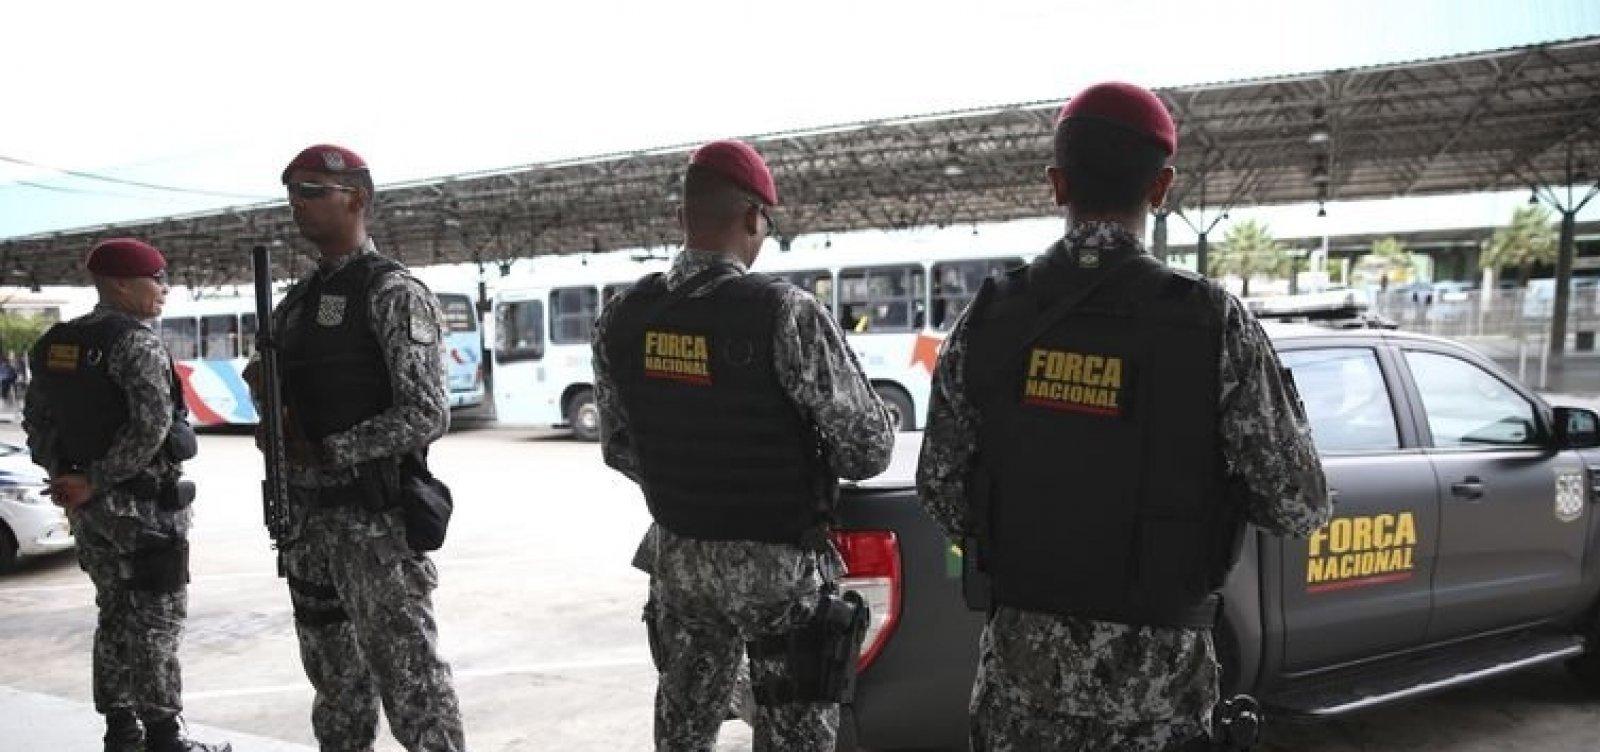 [Ministério da Justiça autoriza uso da Força Nacional na Amazônia Legal]